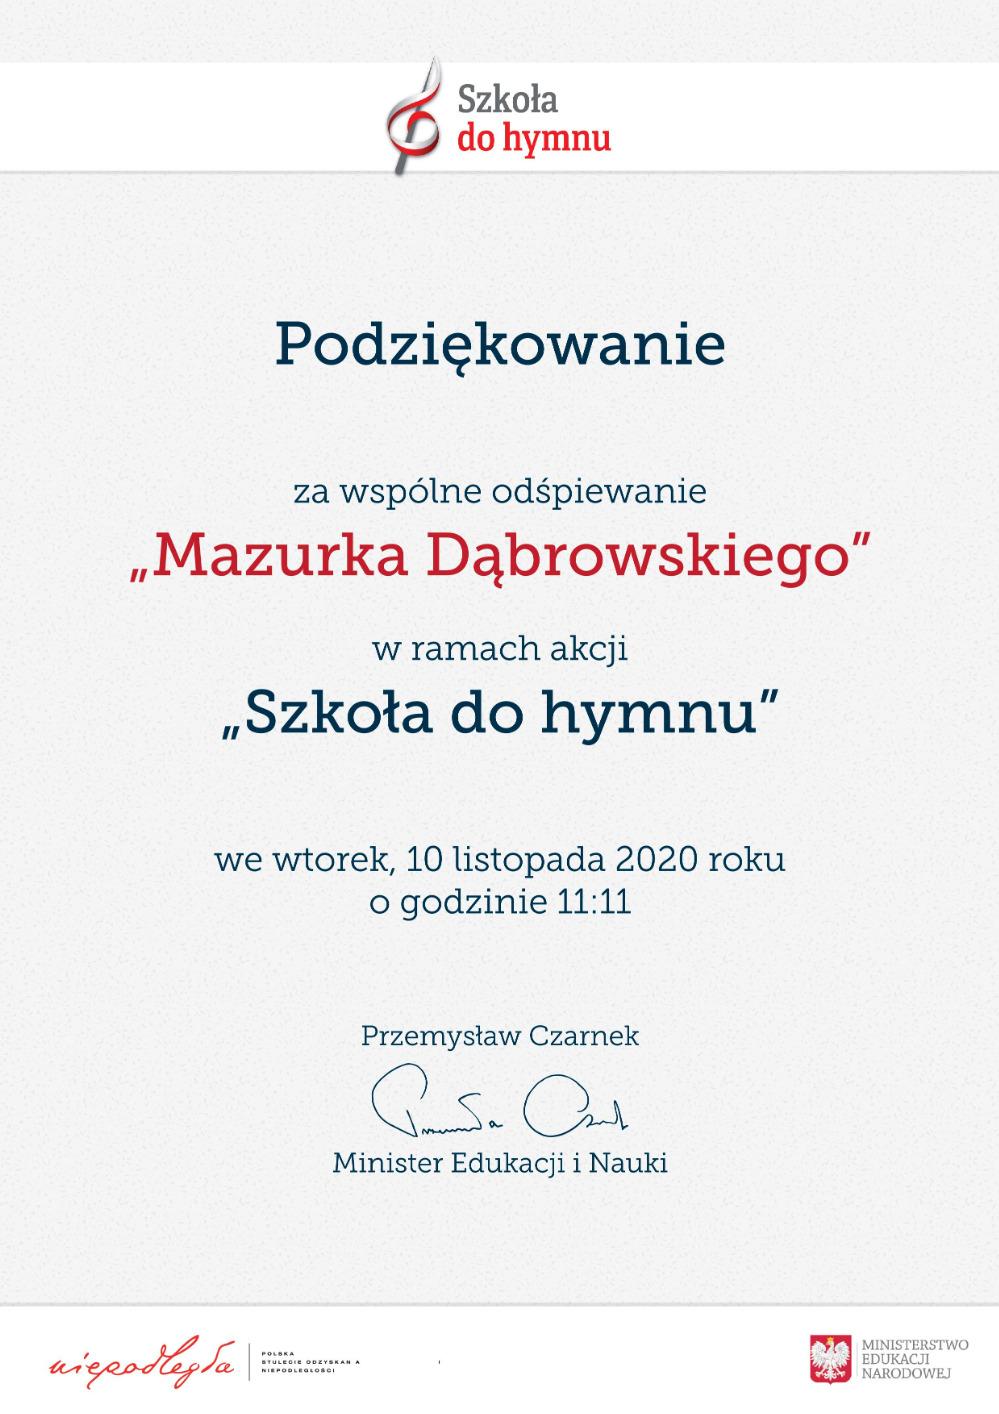 11. Dyplom - podziękwanie -  szkoła do hymnu 2020r.